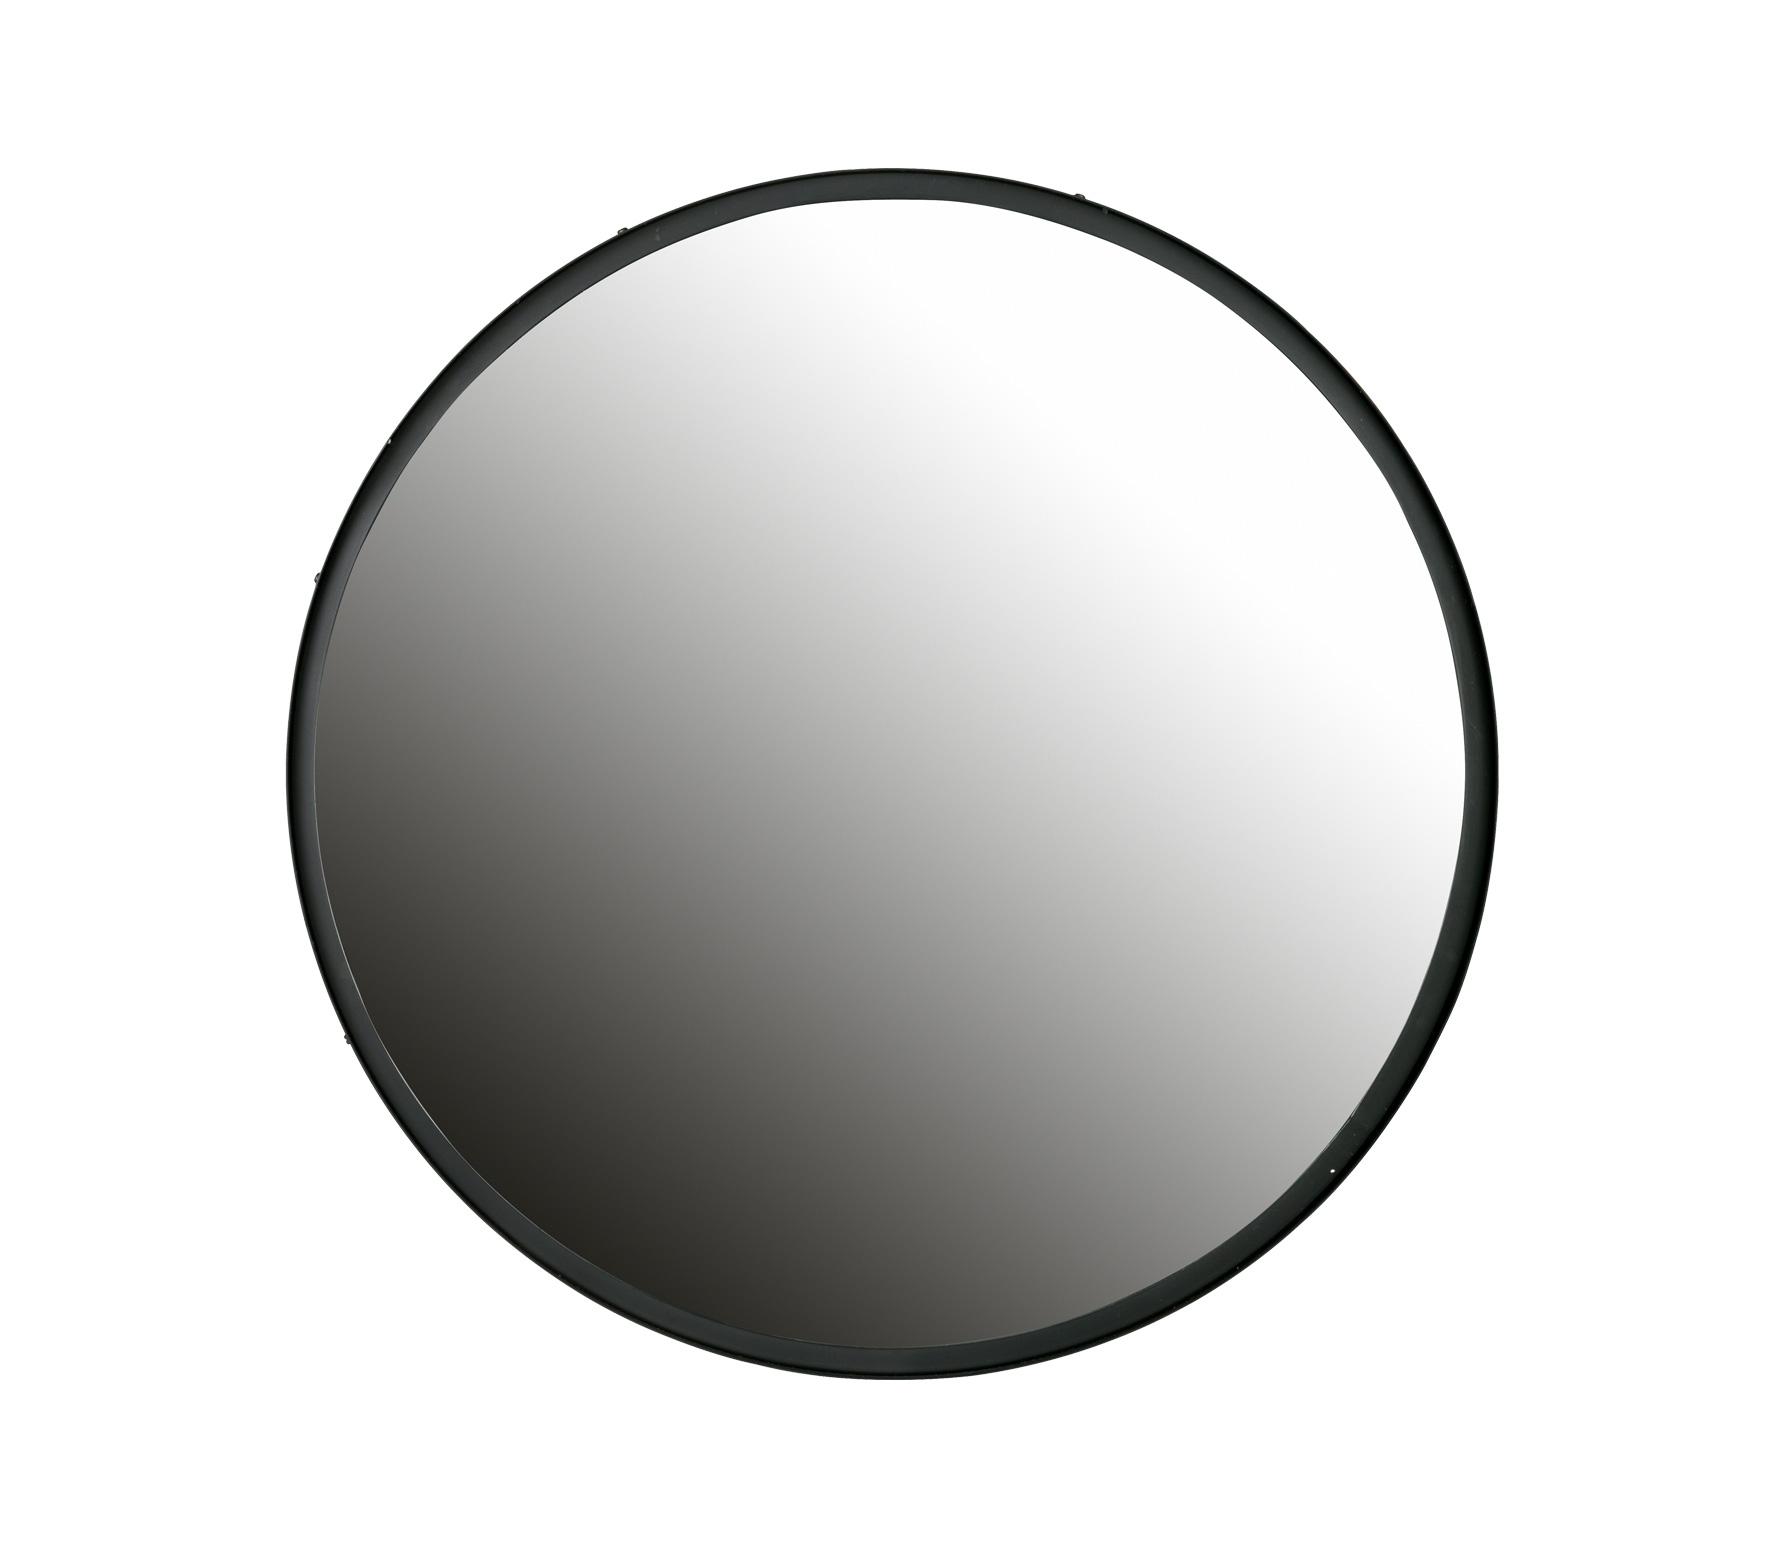 WOOOD Lauren spiegel metaal zwart, div afmetingen Ø80 cm